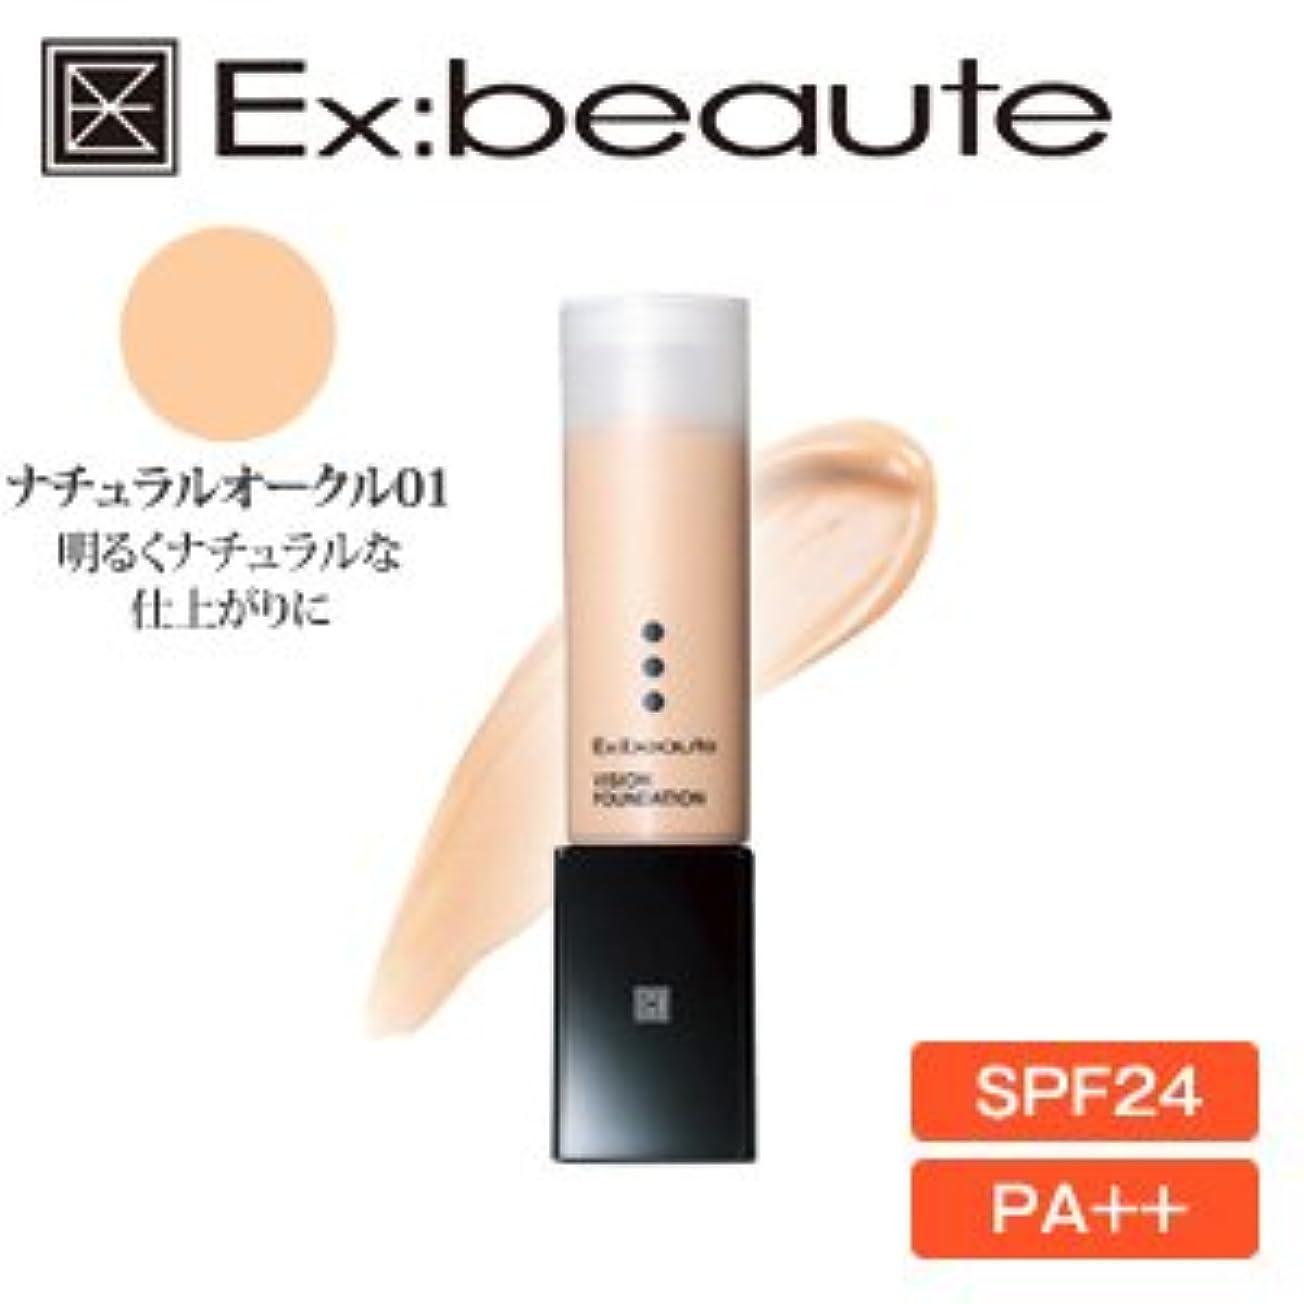 プレゼン類似性たぶんEx:beaute (エクスボーテ) ビジョンファンデーション リキッドモイストタイプ ナチュラルオークル01